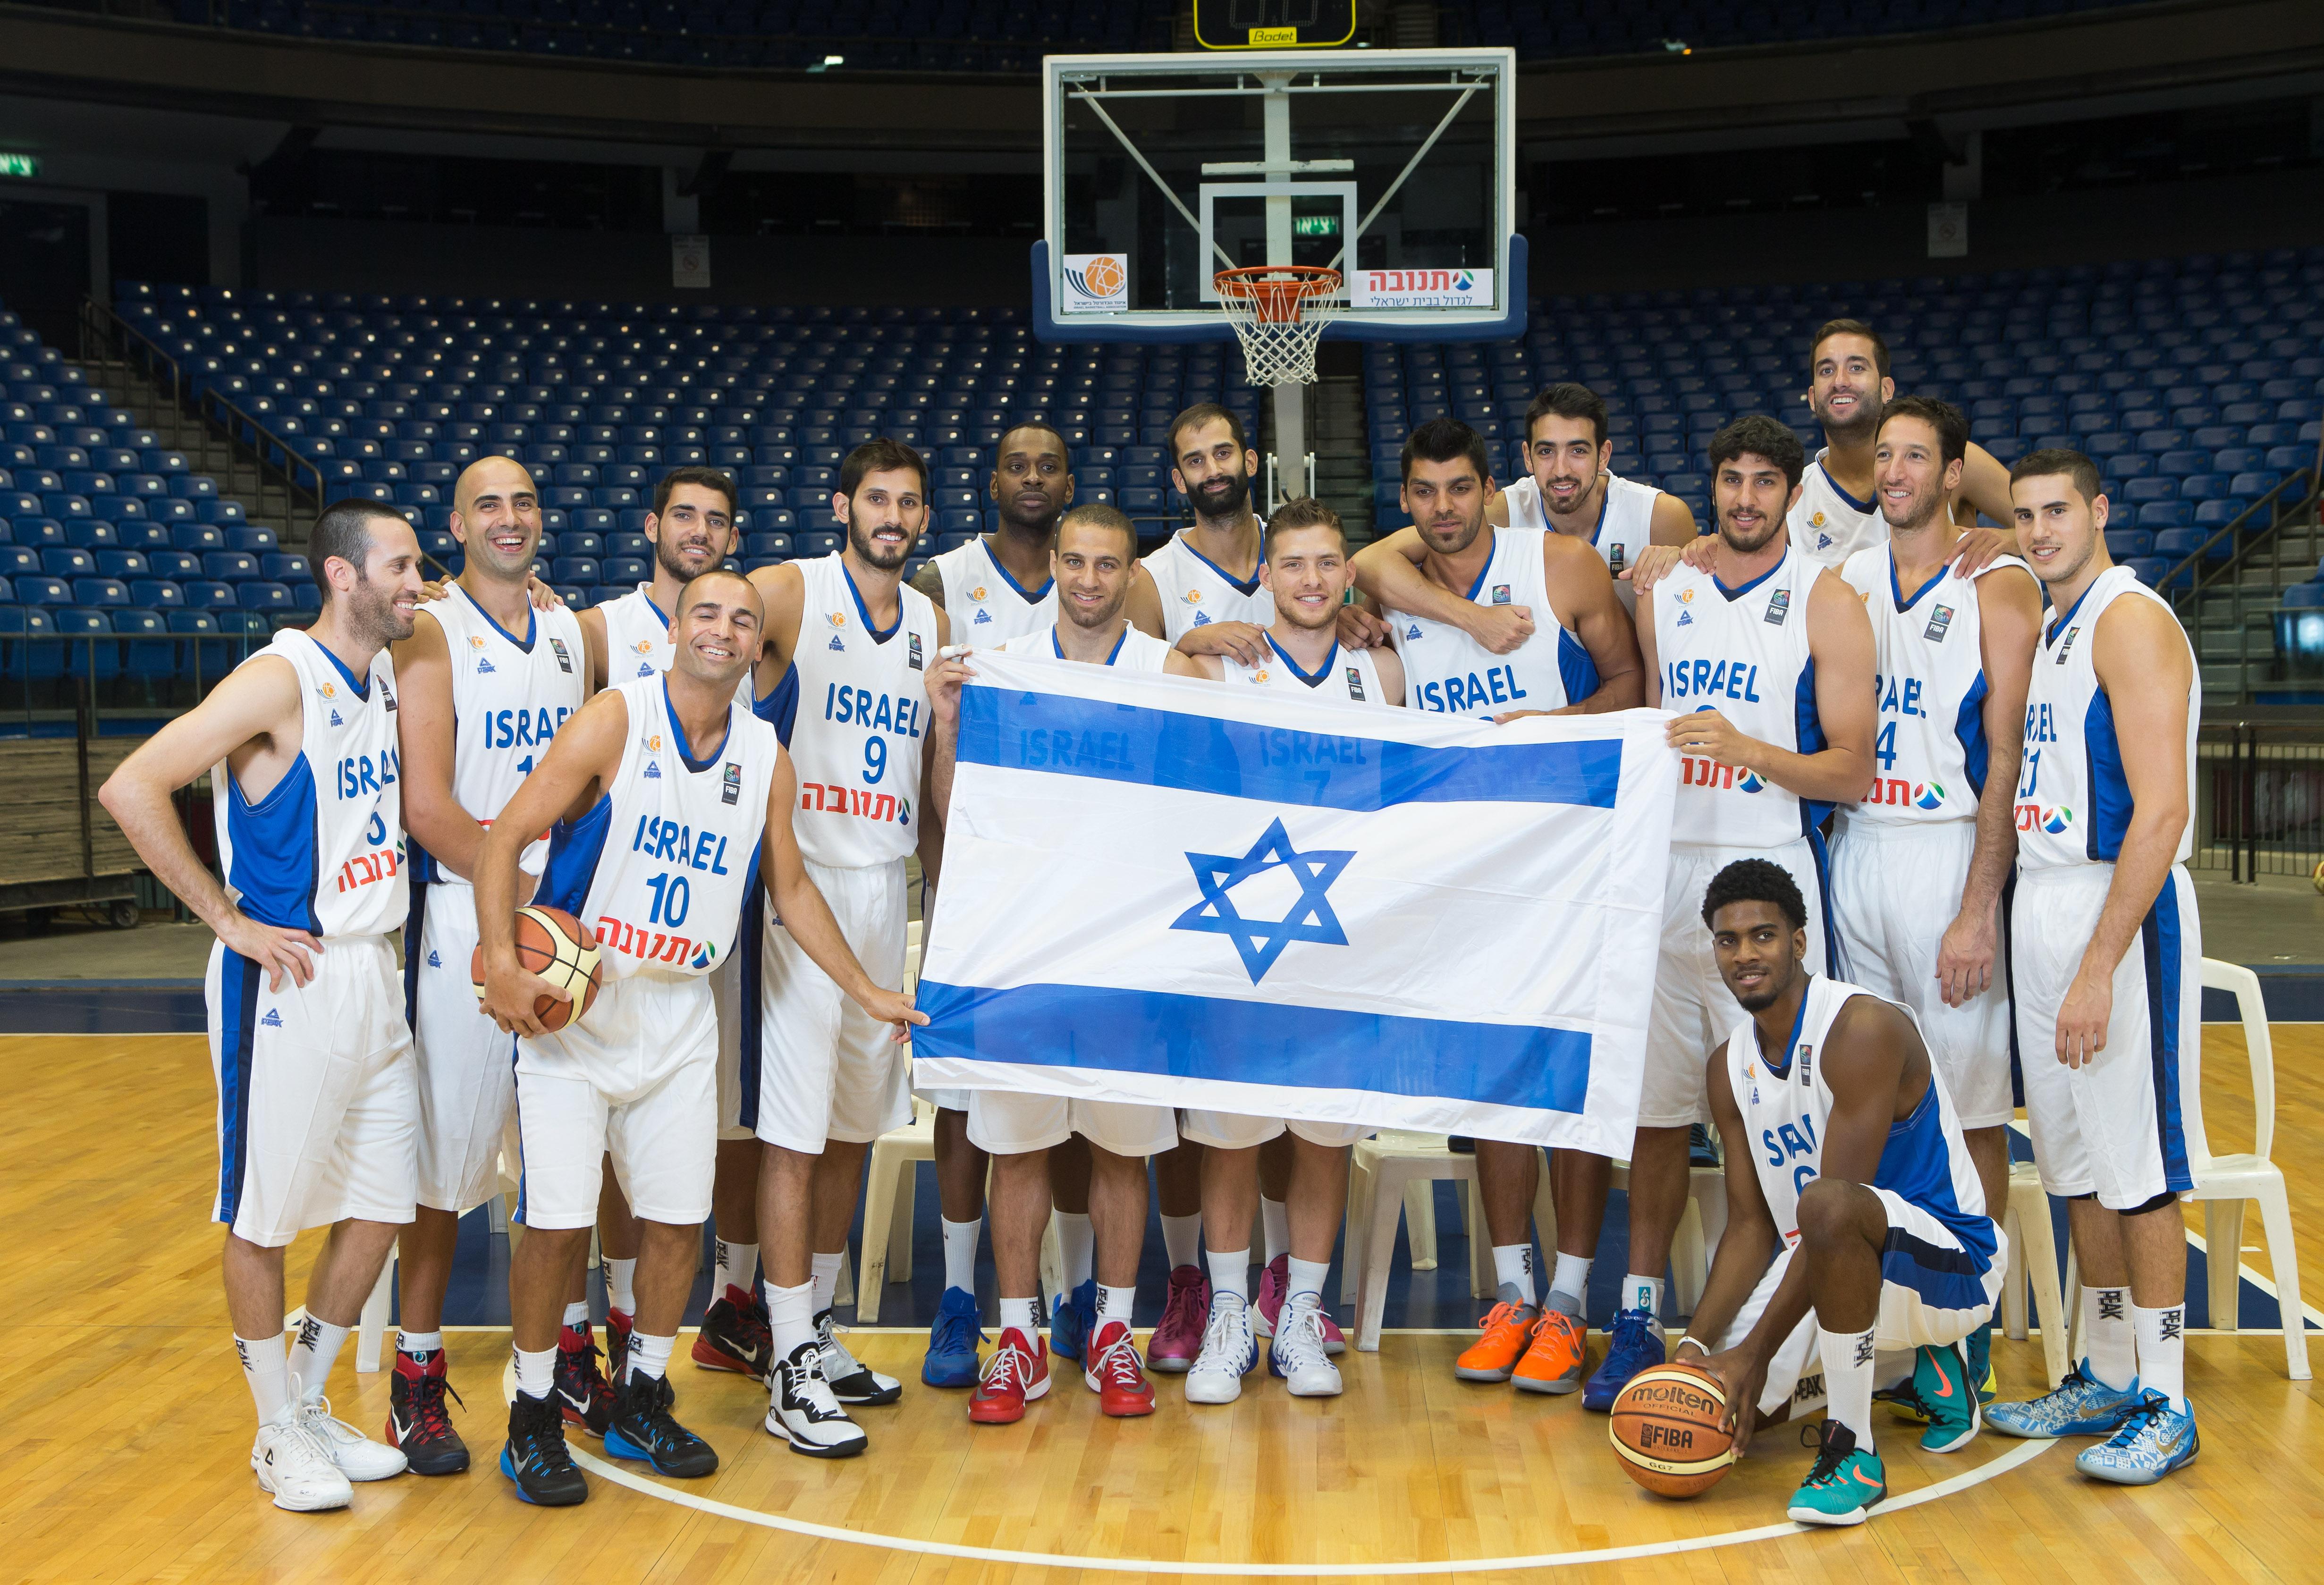 היסטוריה: ישראל תארח בית באליפות אירופה 2017